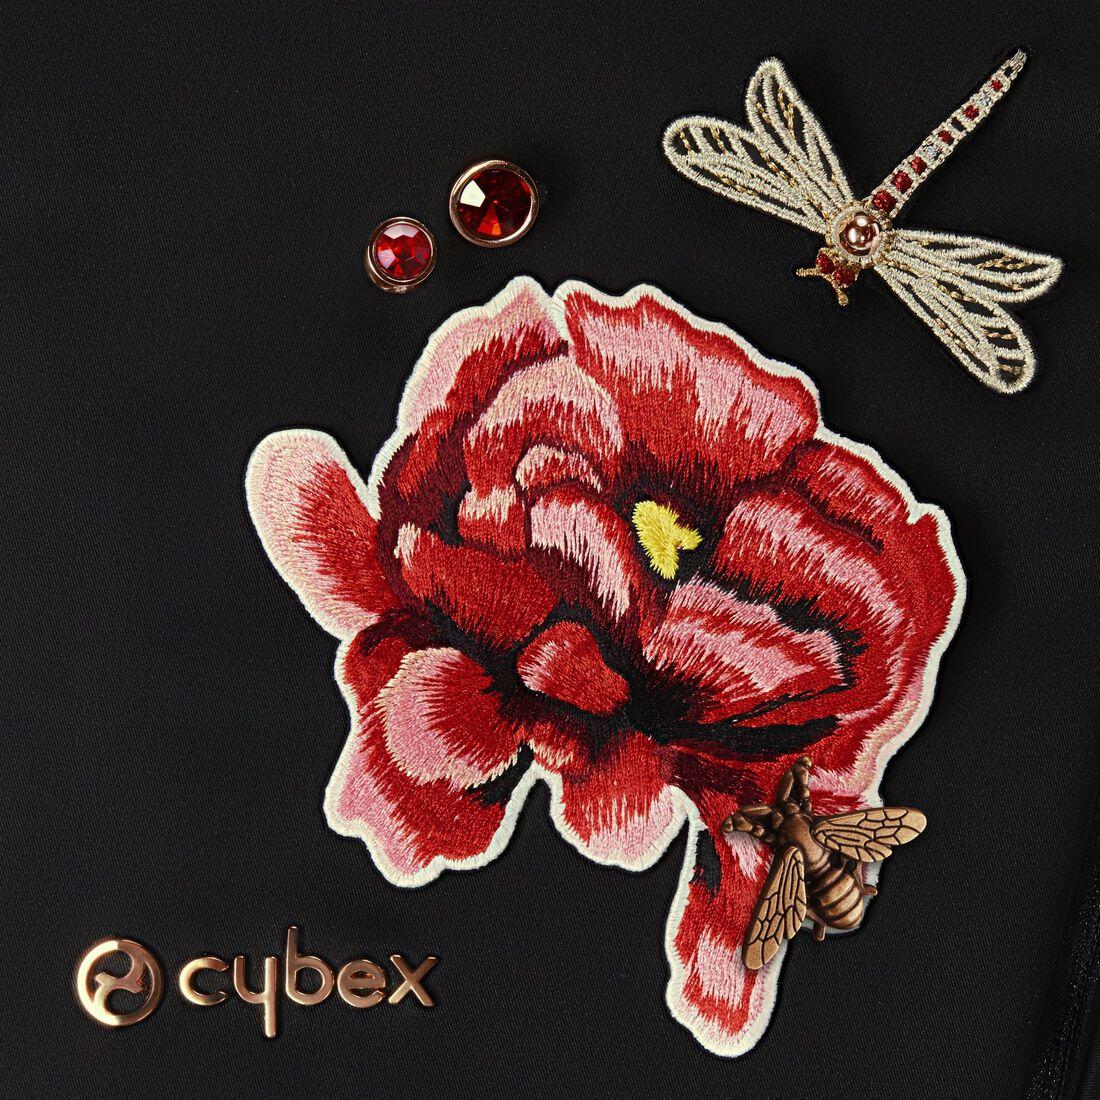 CYBEX Platinum Fußsack - Spring Blossom Light in Spring Blossom Light large Bild 3